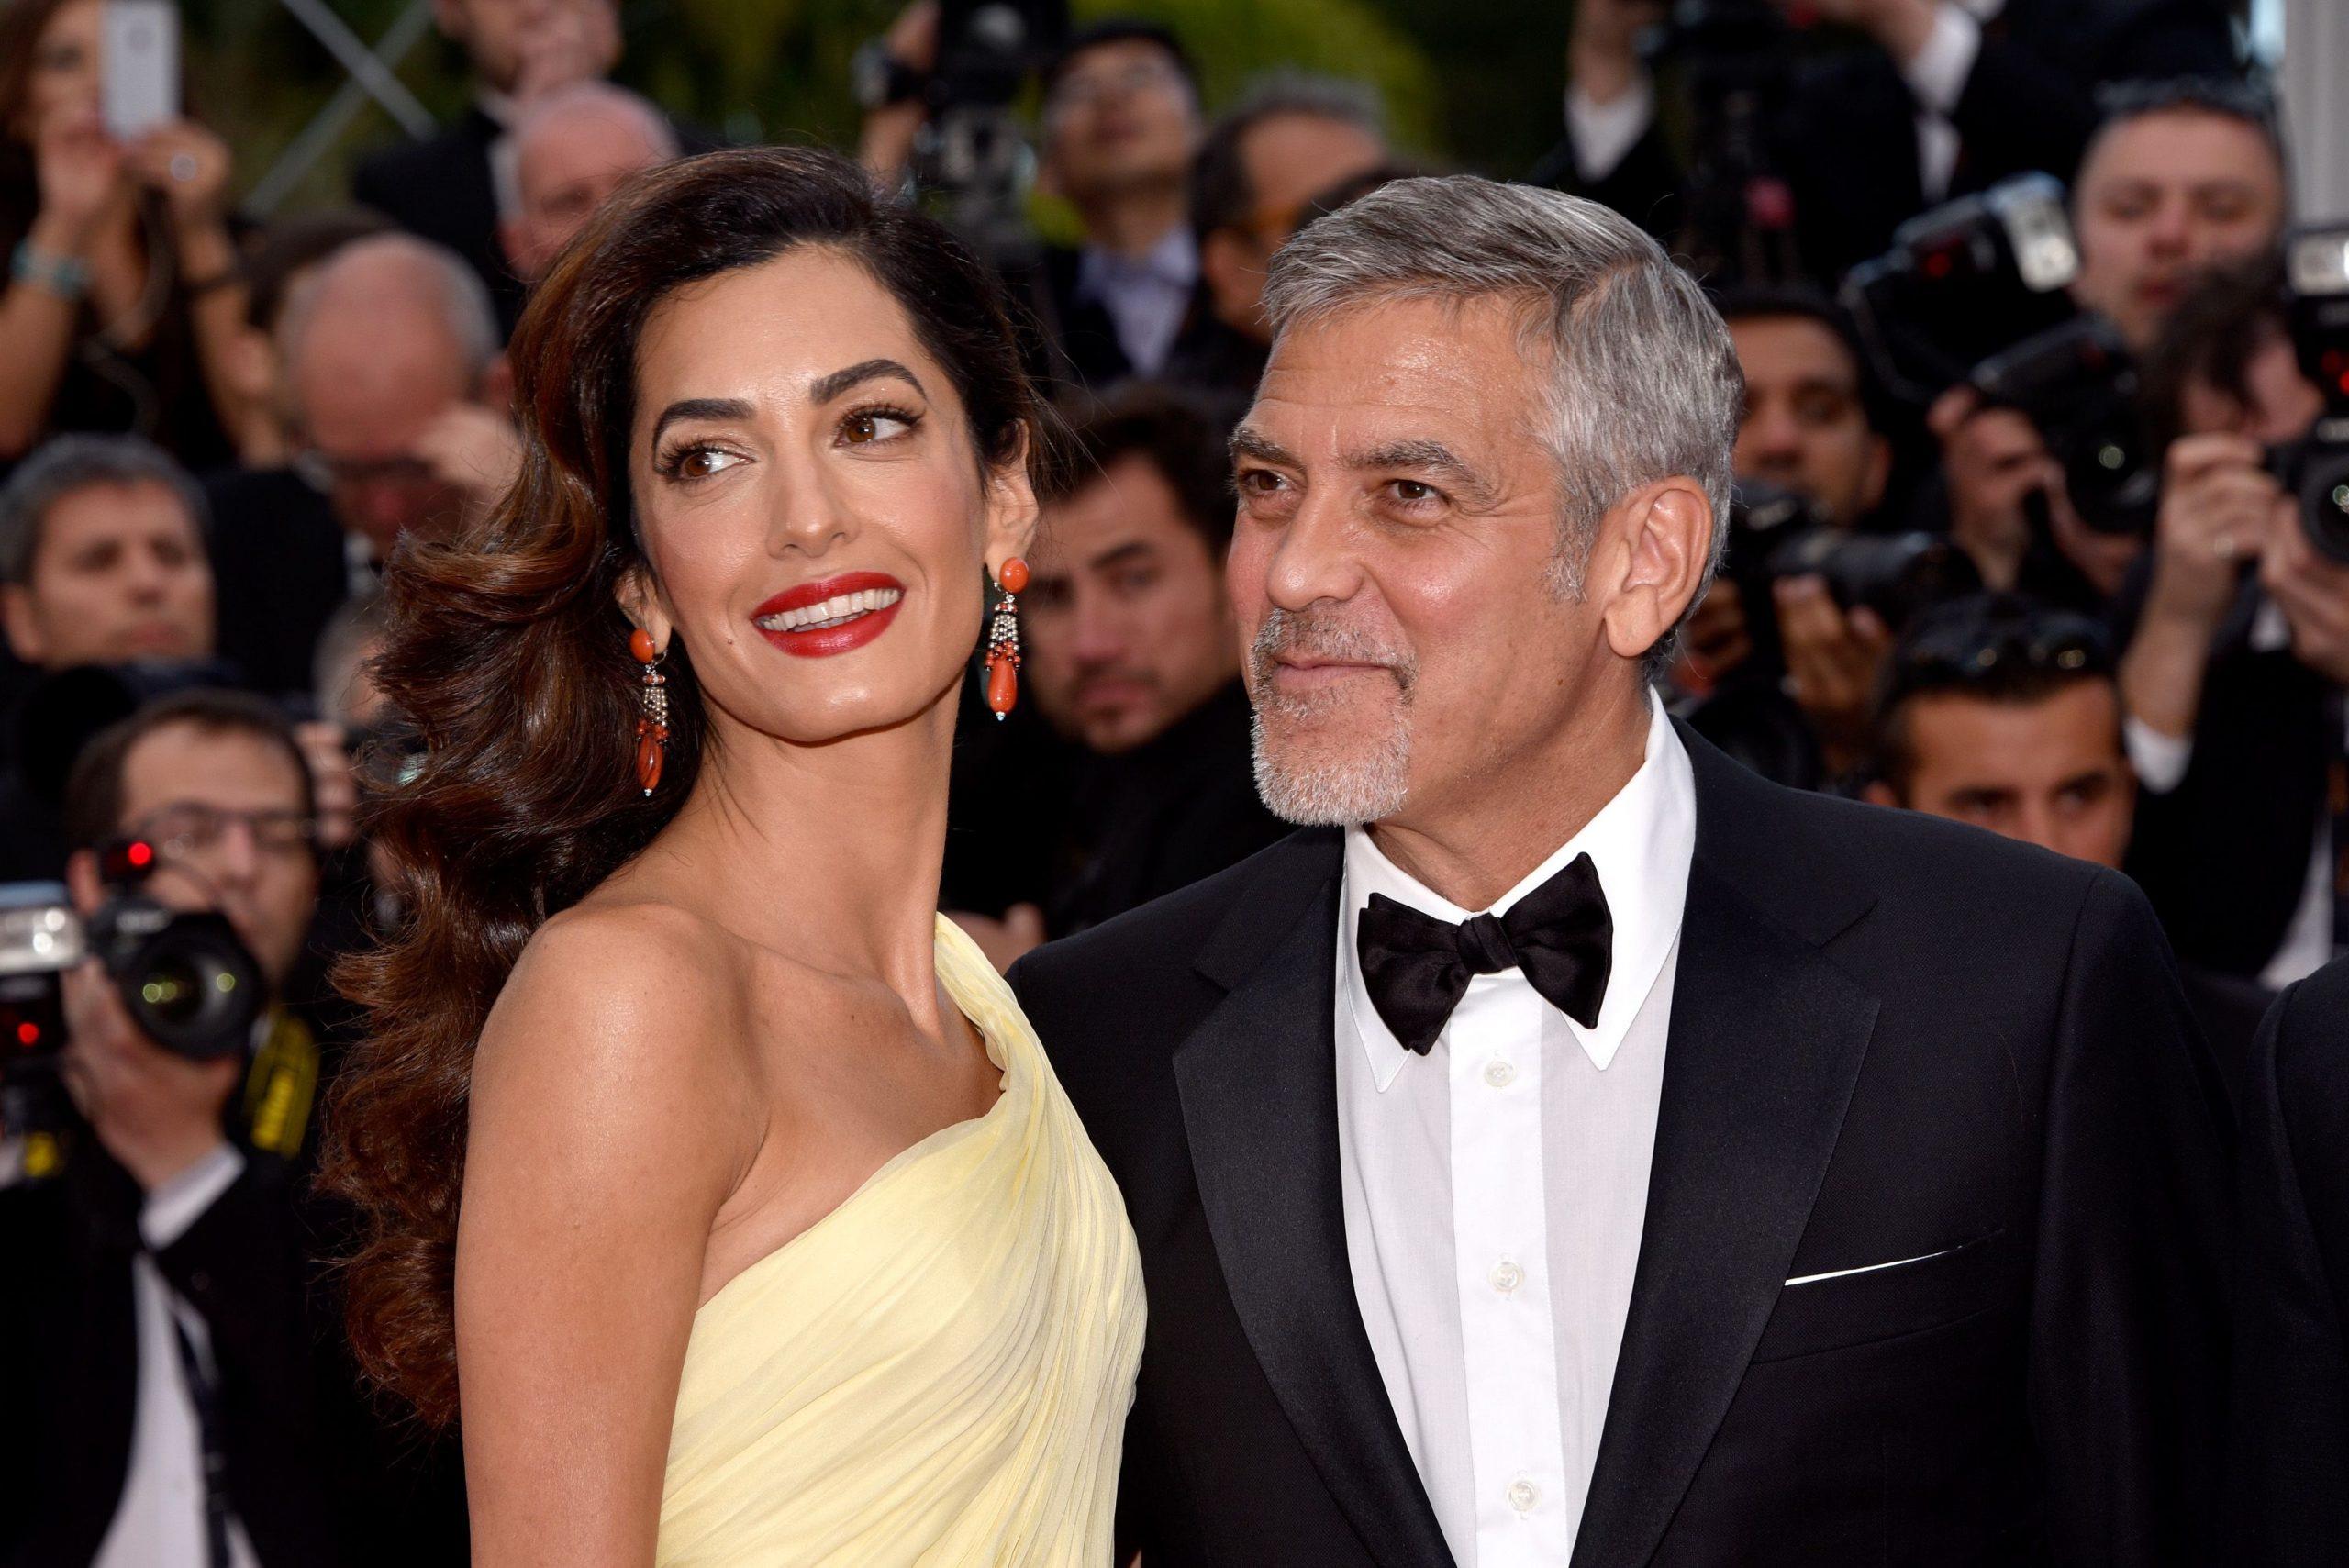 George dhe Amal Clooney do të bëhen sërish prindër